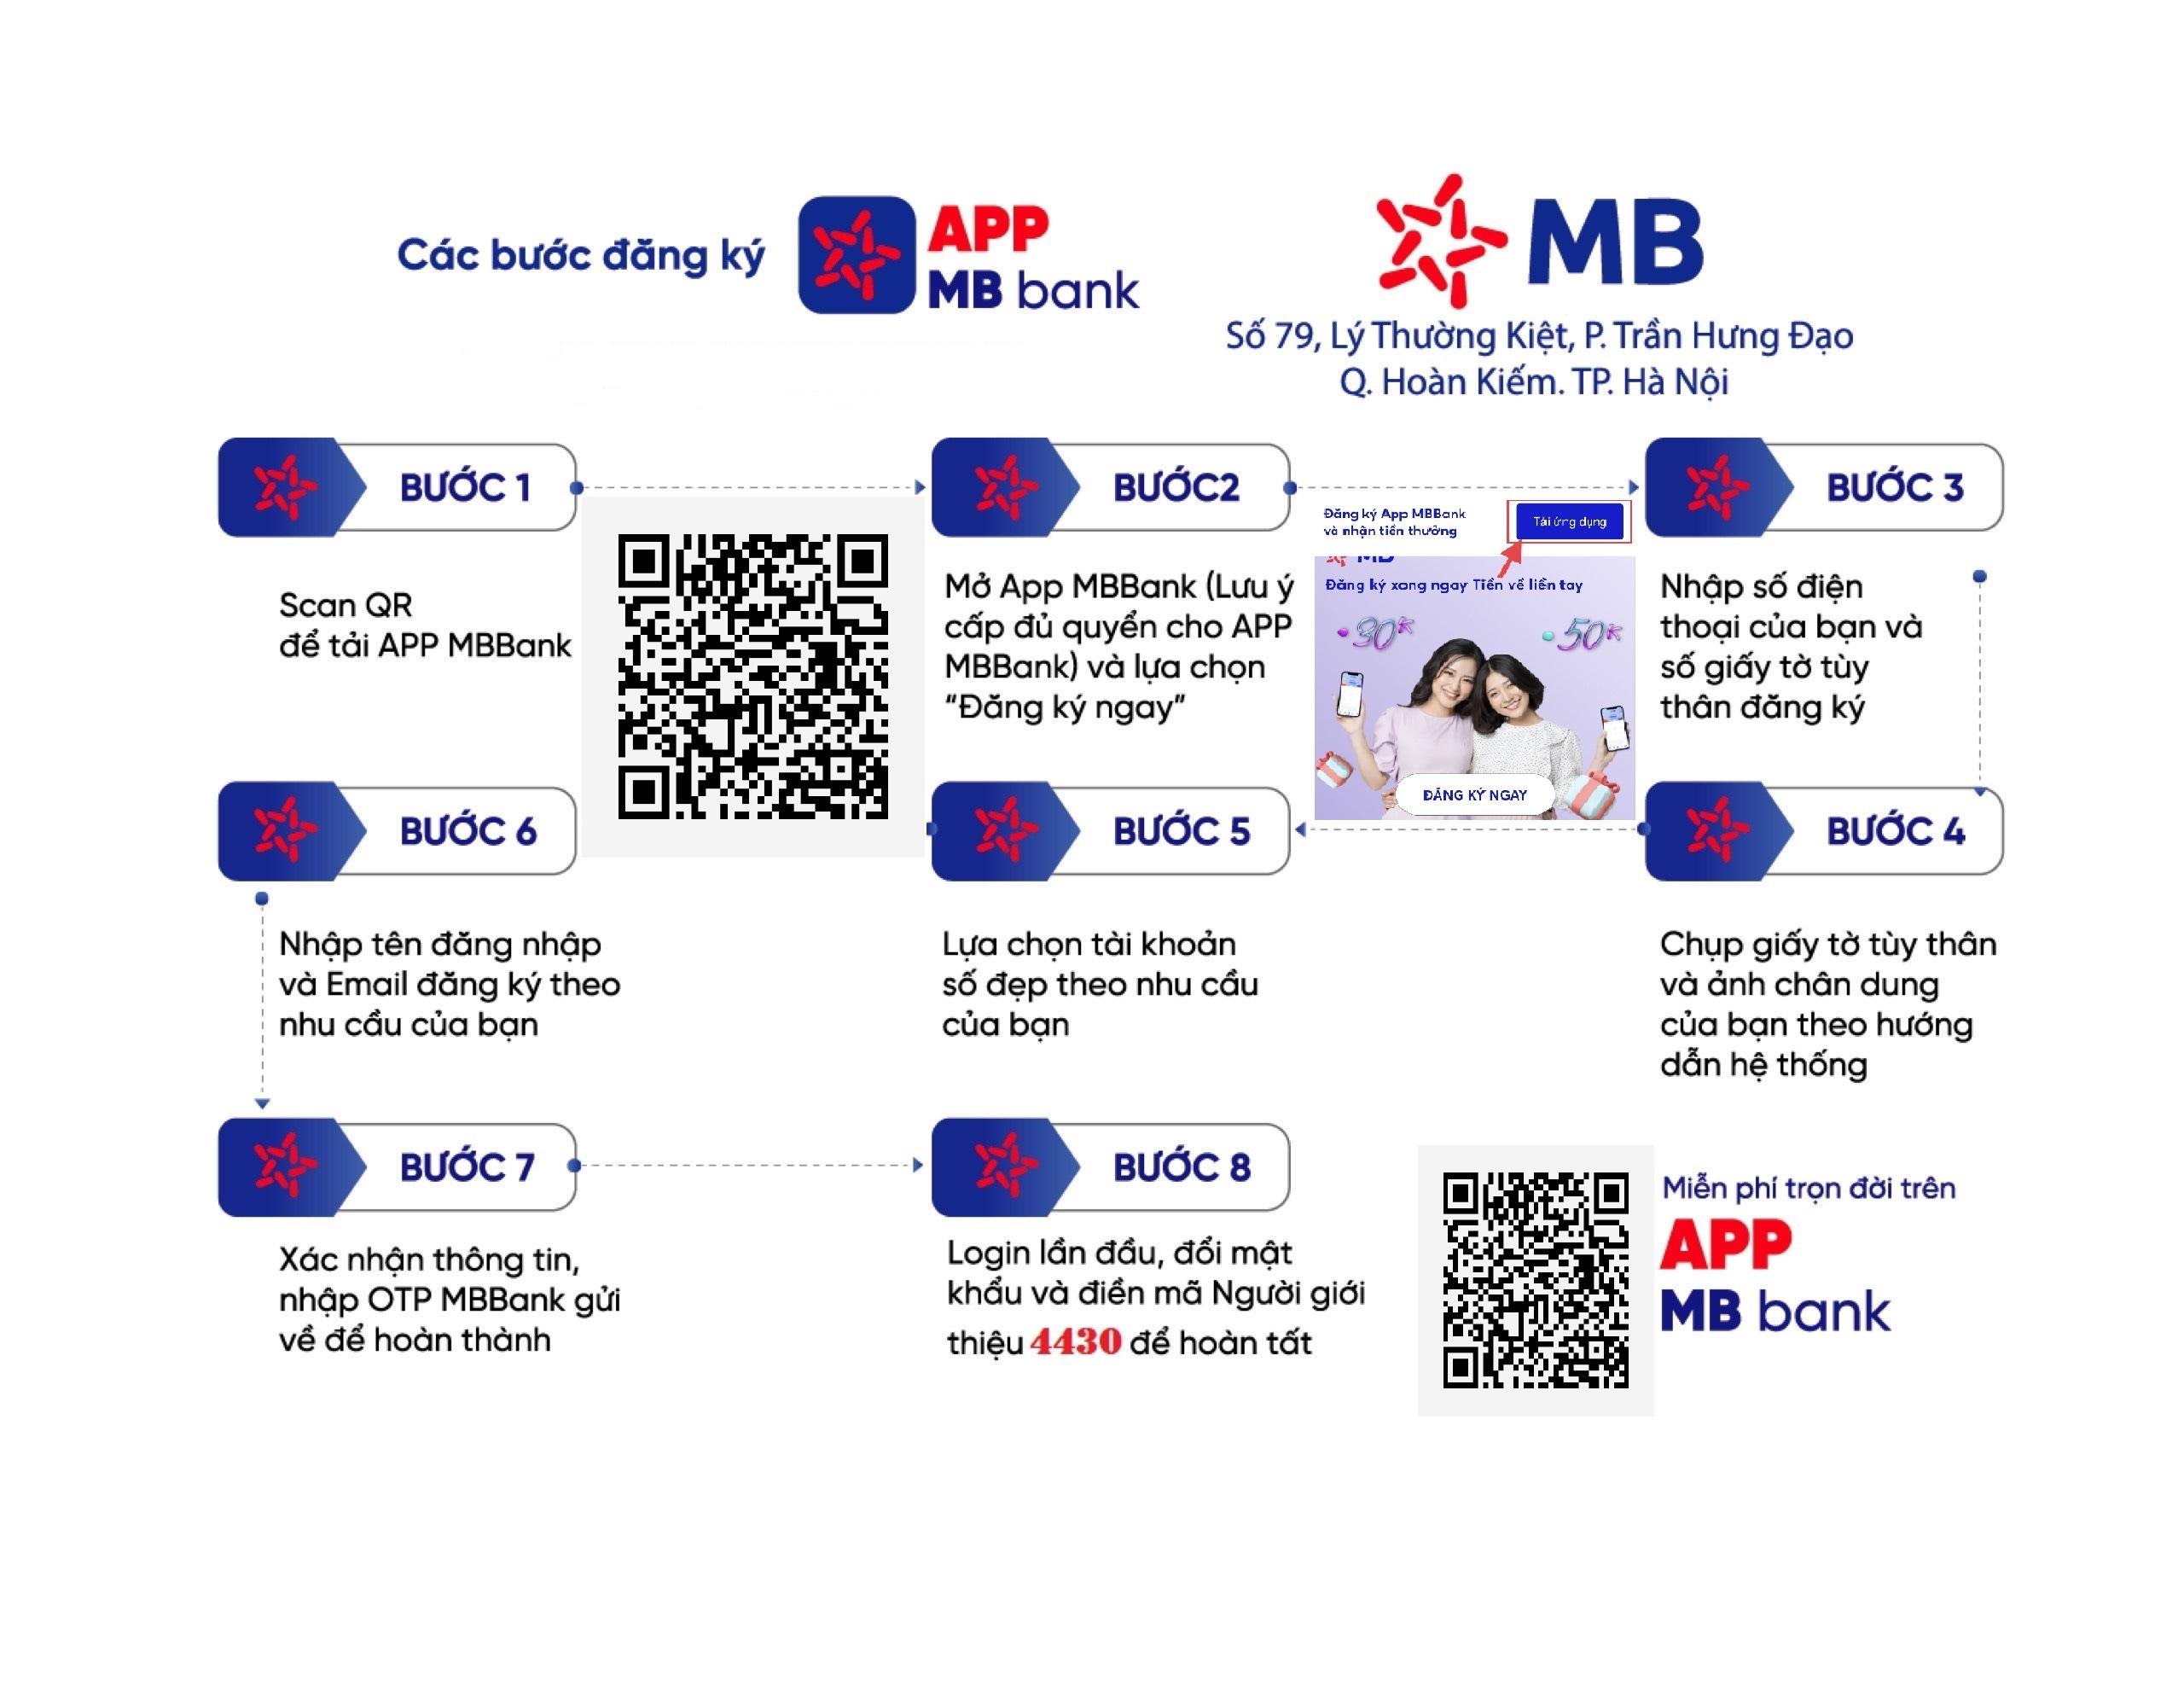 review và đánh giá app Mbbank